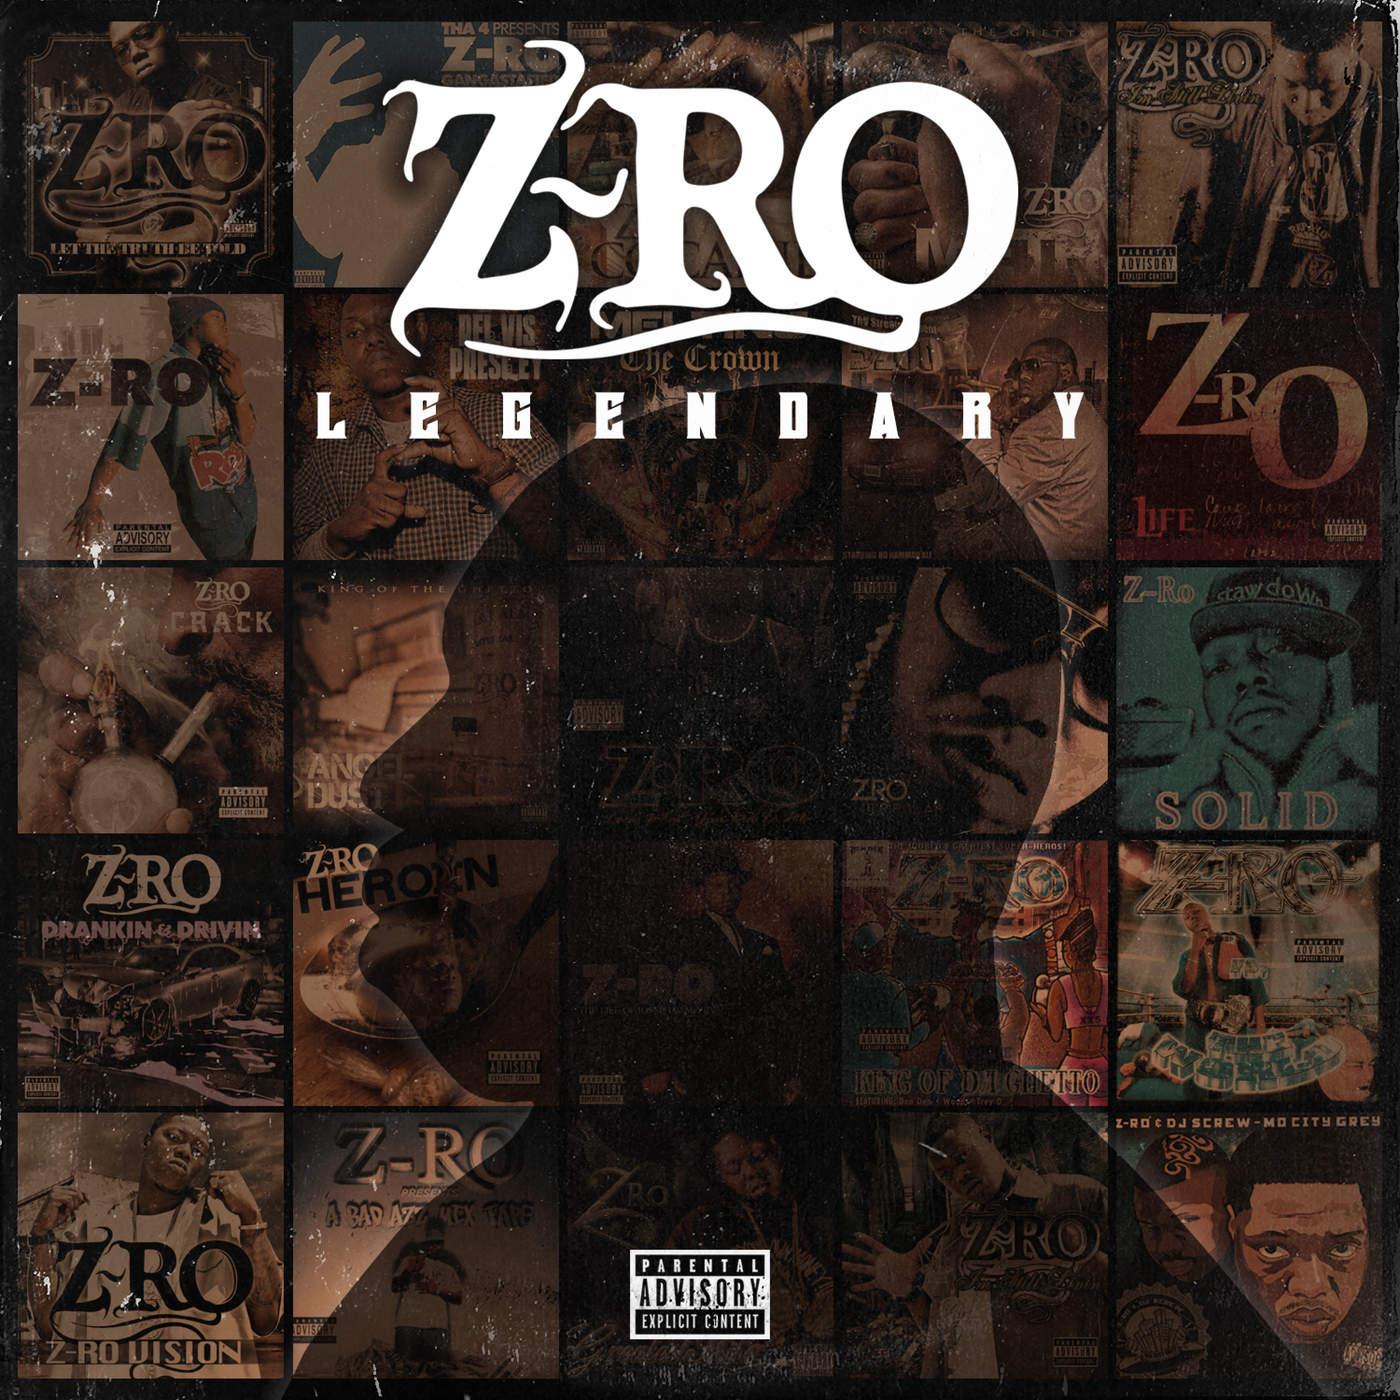 Z-Ro - Legendary Cover